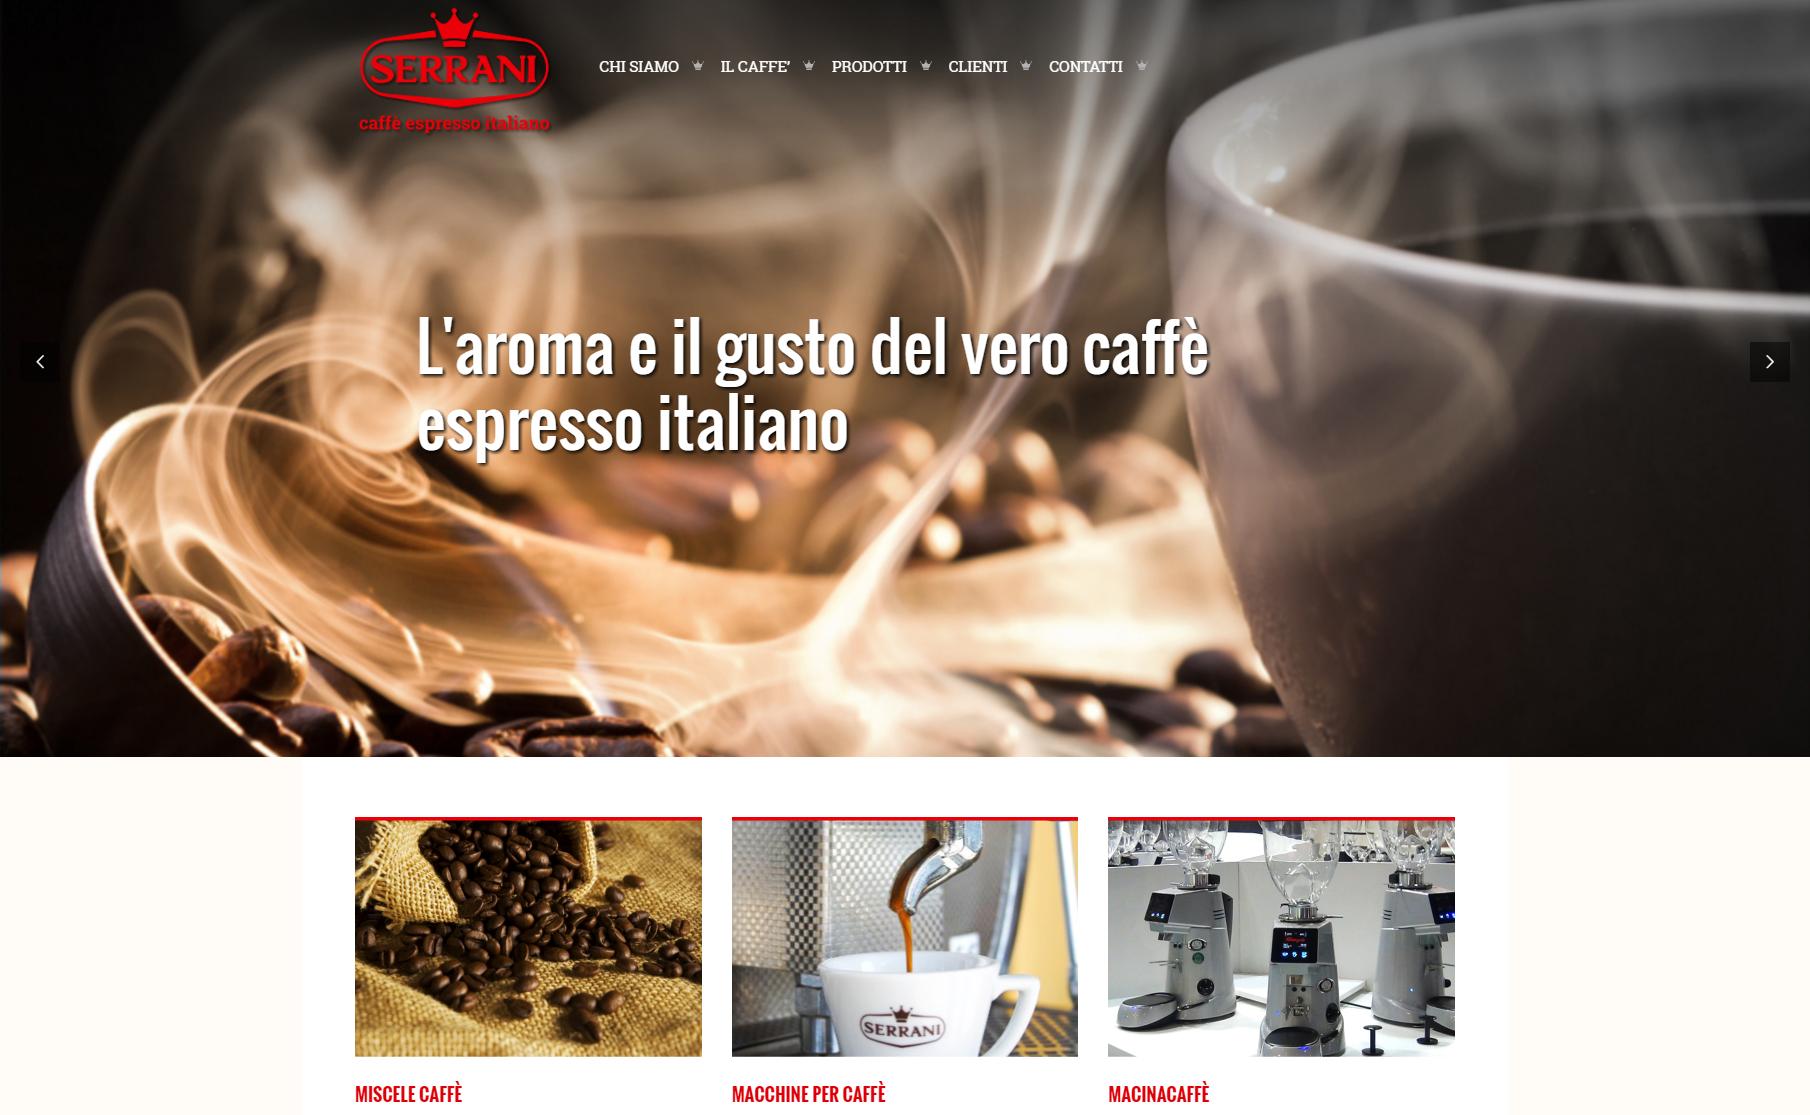 caffè serrani spagna